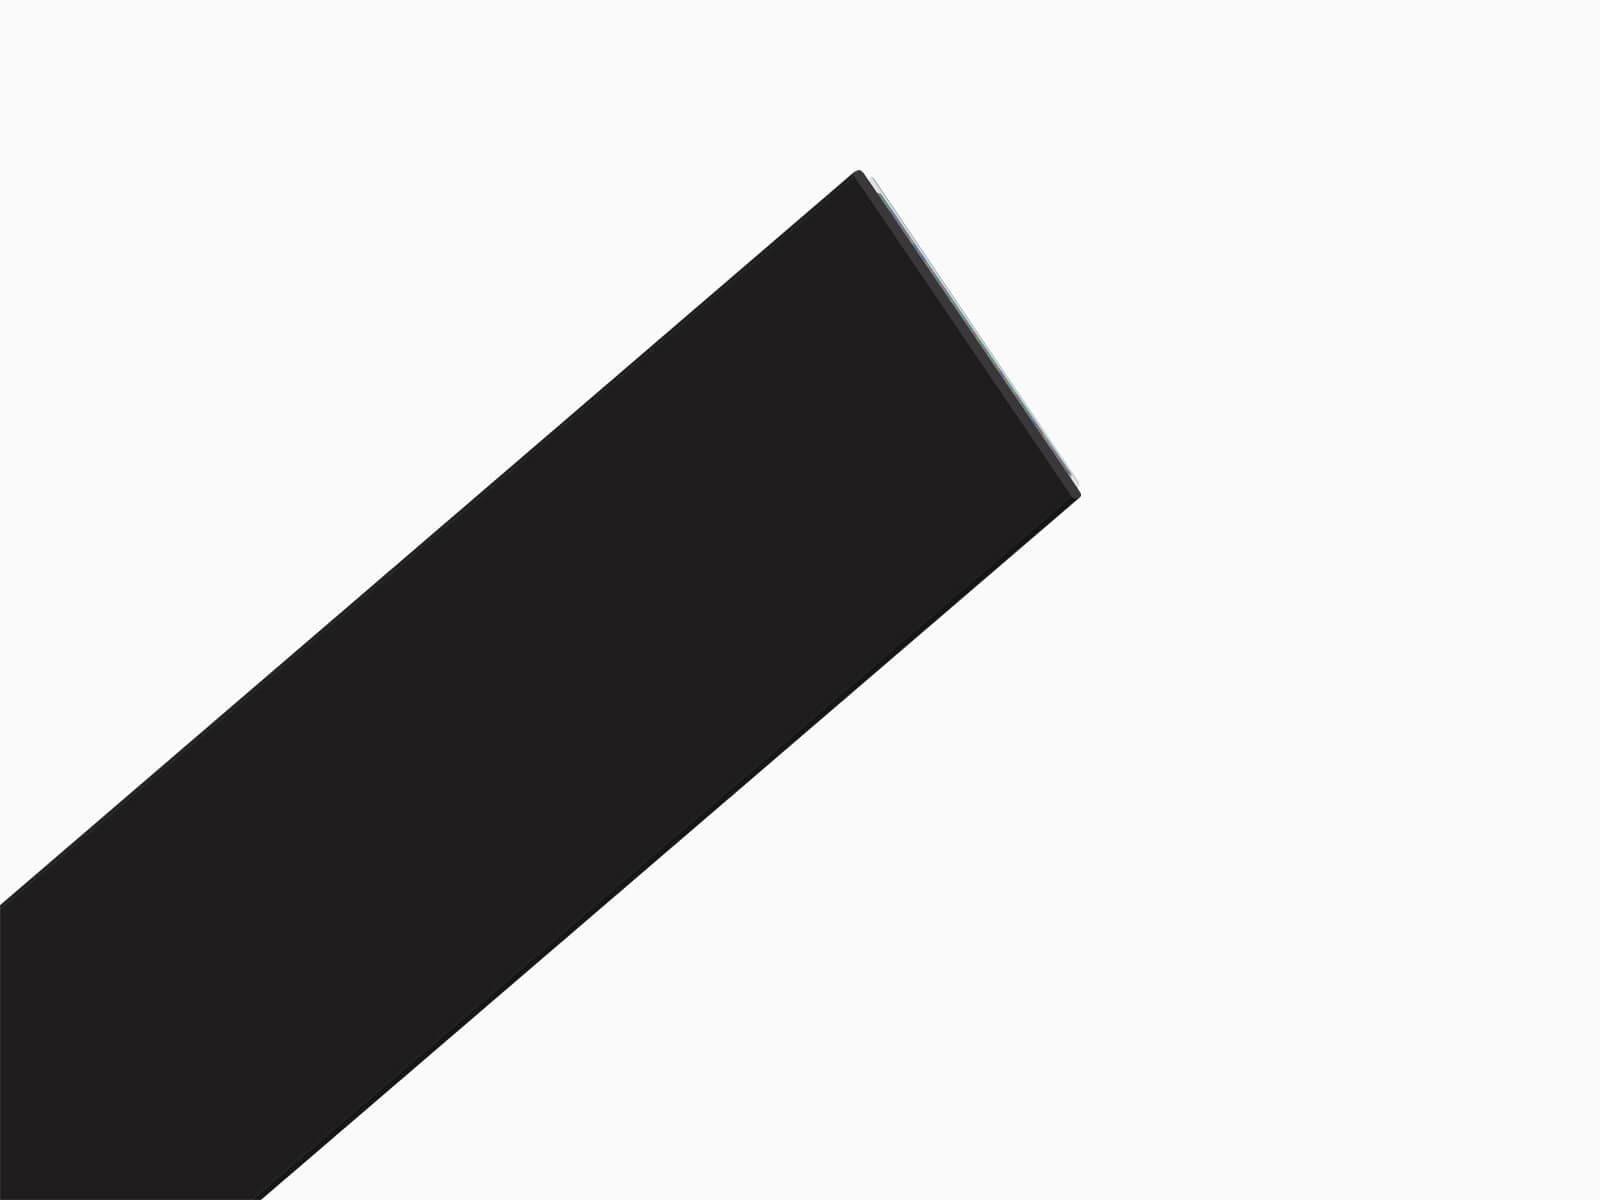 dekoelement-für-glastrennwand-im-industrie-look